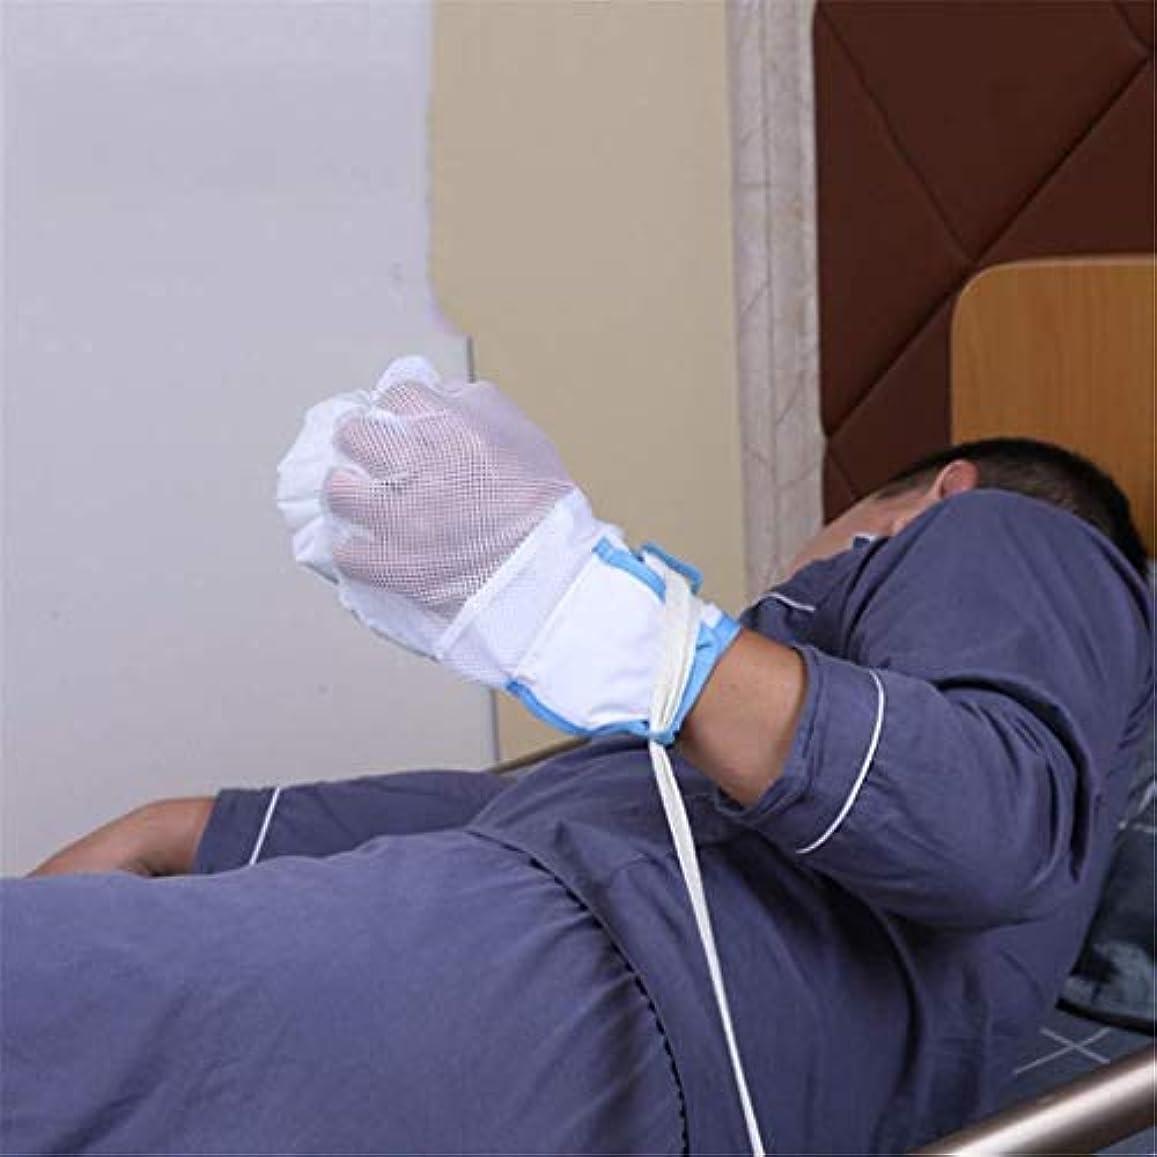 する戦いリーダーシップ医療用拘束具患者用フィンガーコントロールミット、ハンドプロテクター感染防止安全装置パッド入りミット